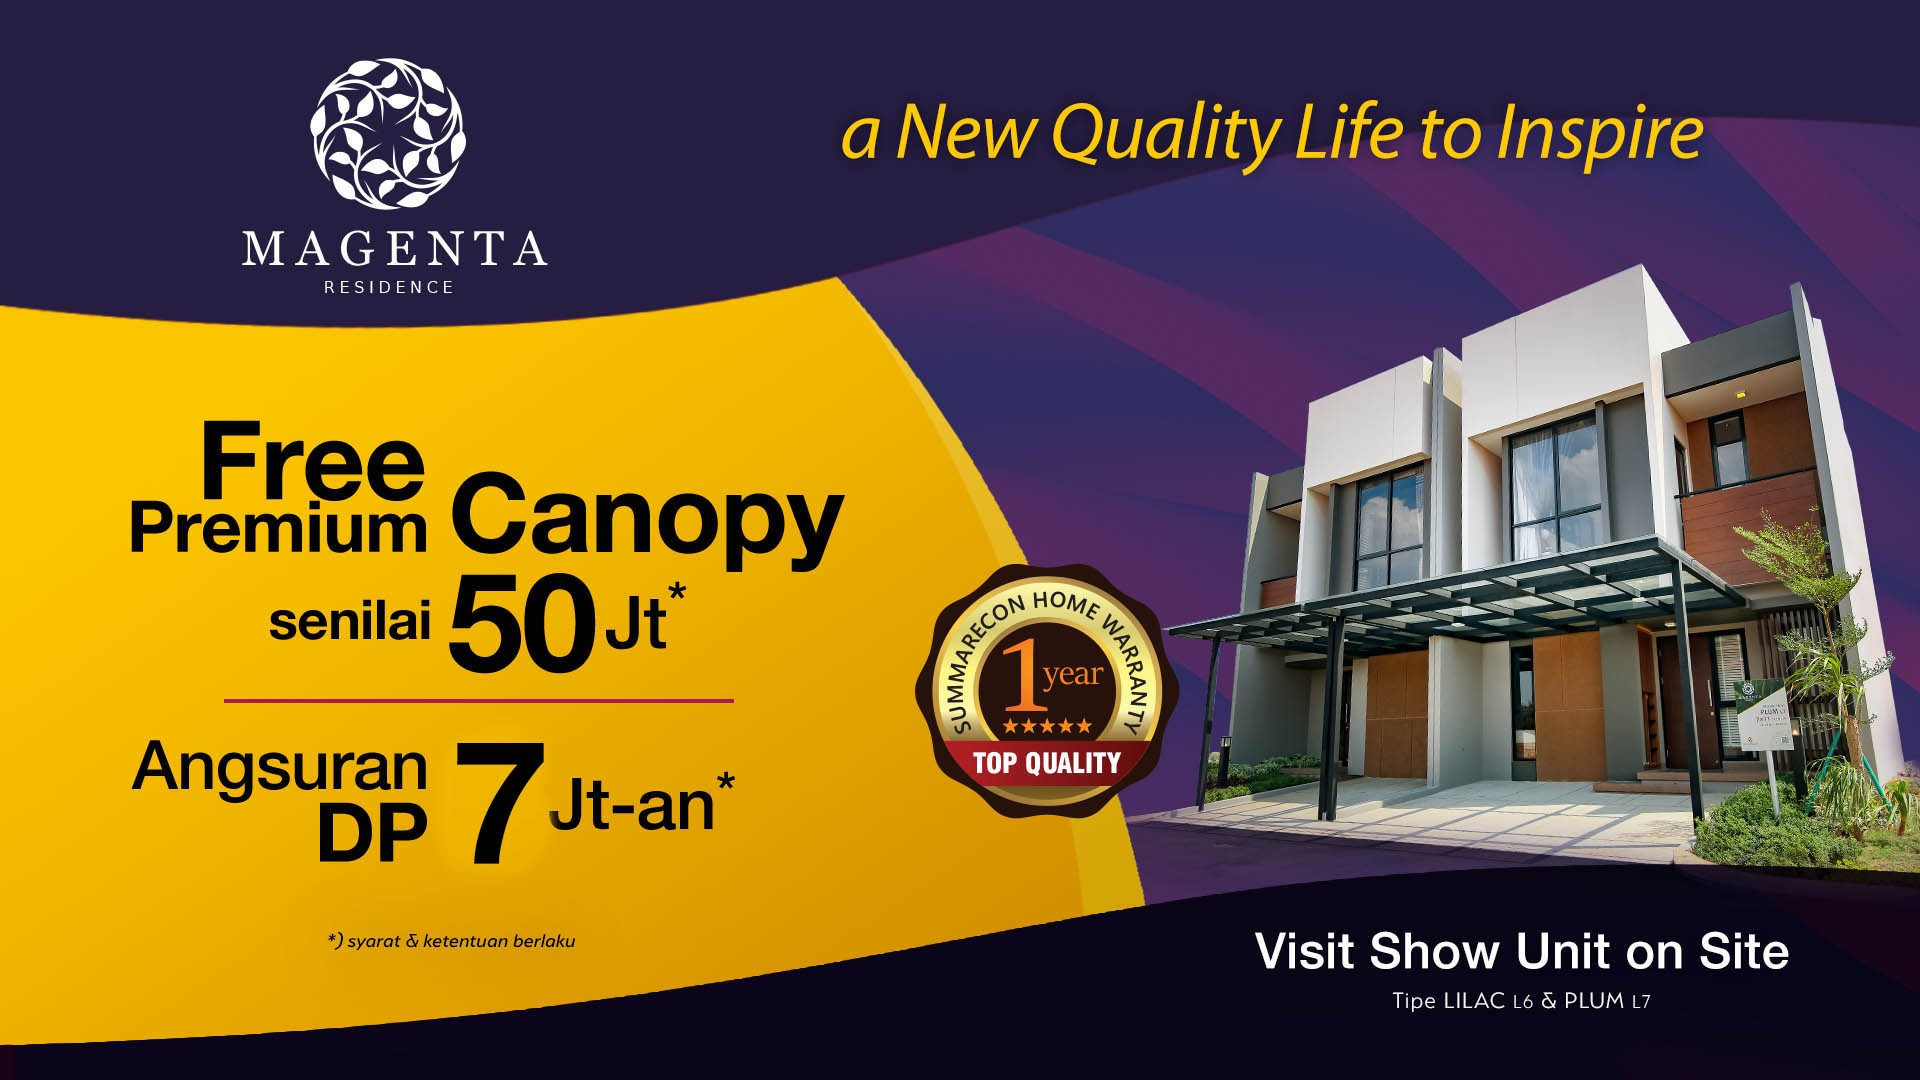 magenta-residence-banner